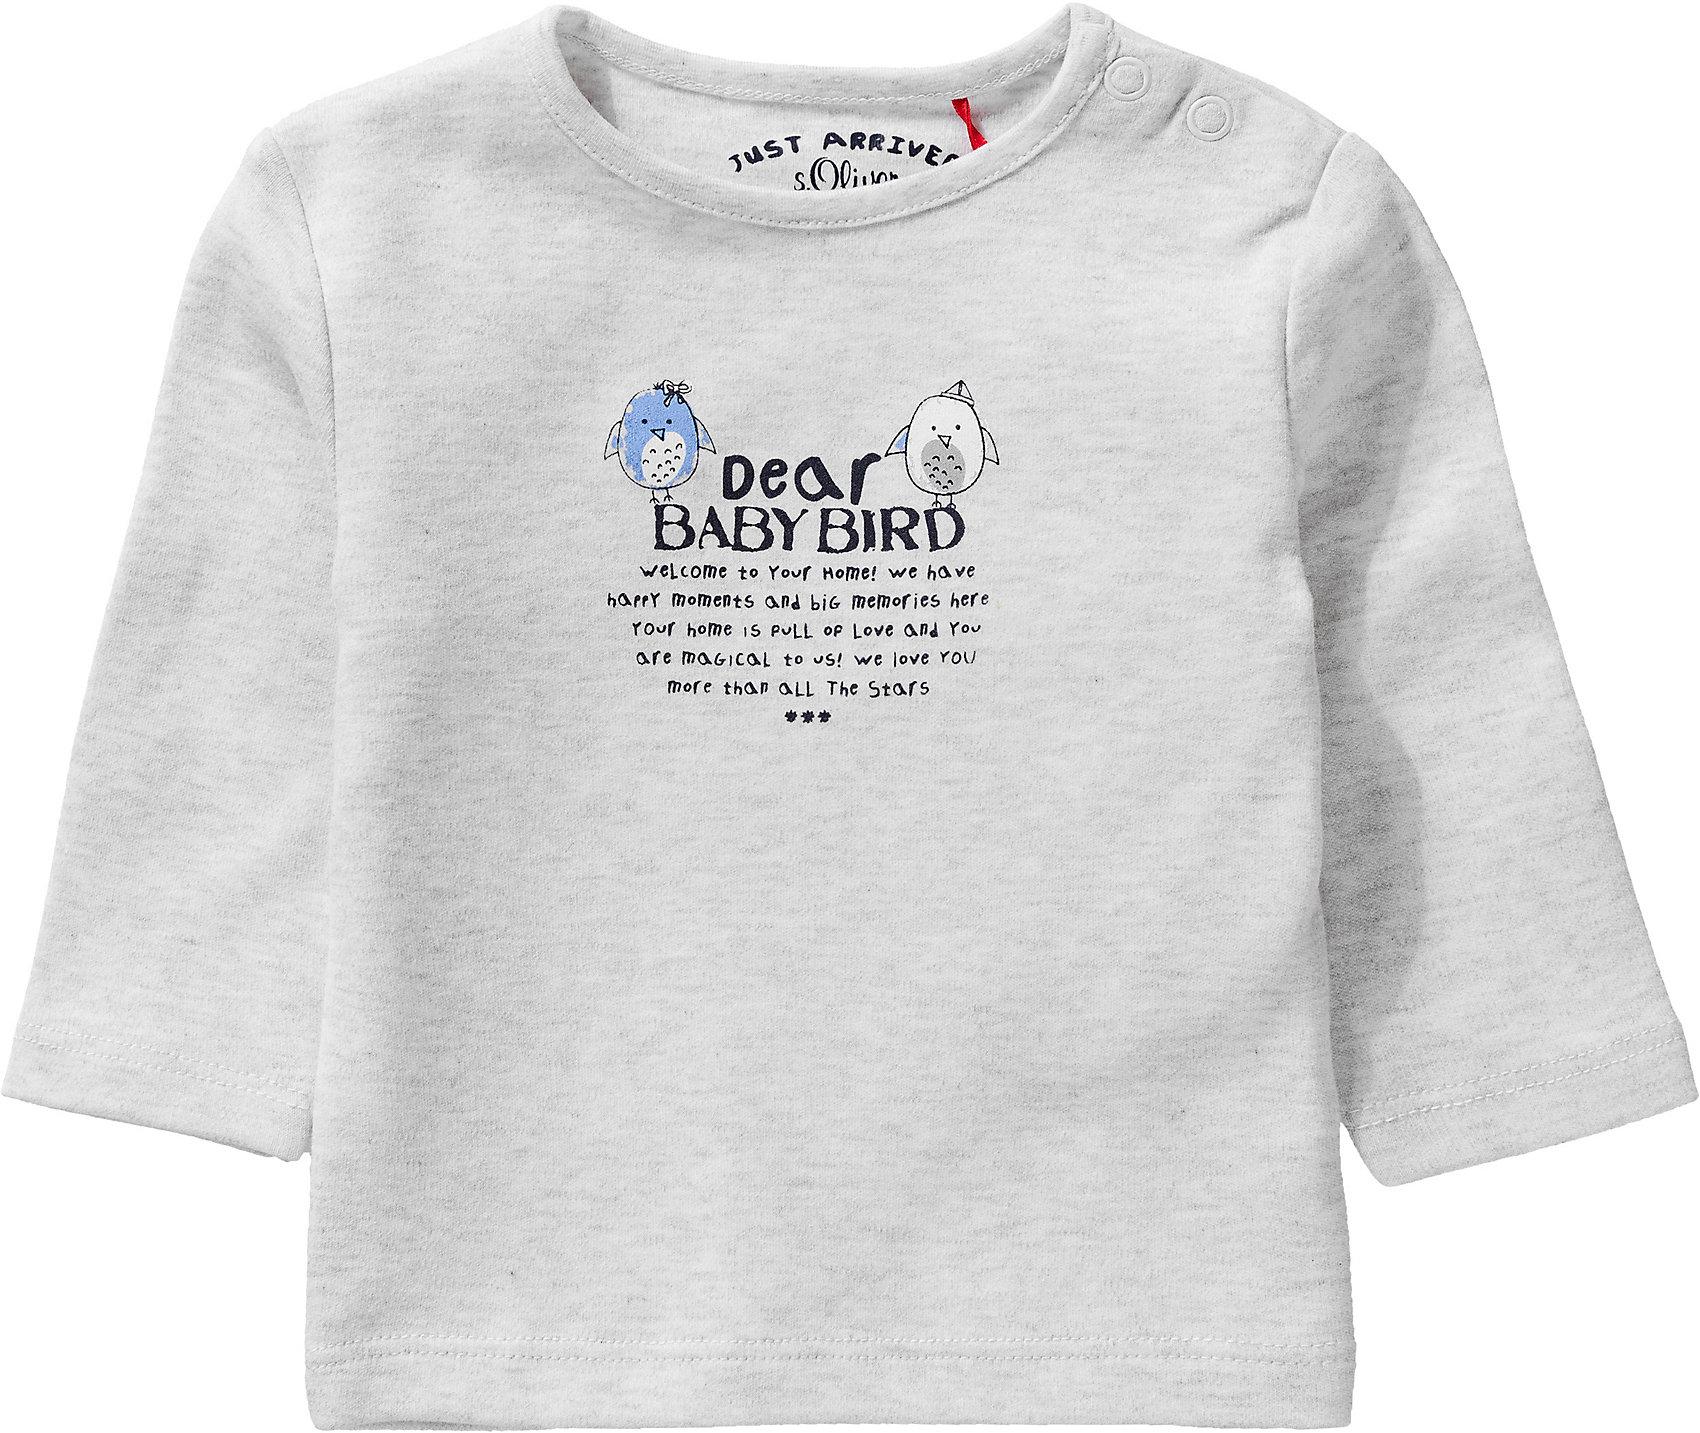 Neu s.Oliver Baby Langarmshirt 10297244 für Jungen grau